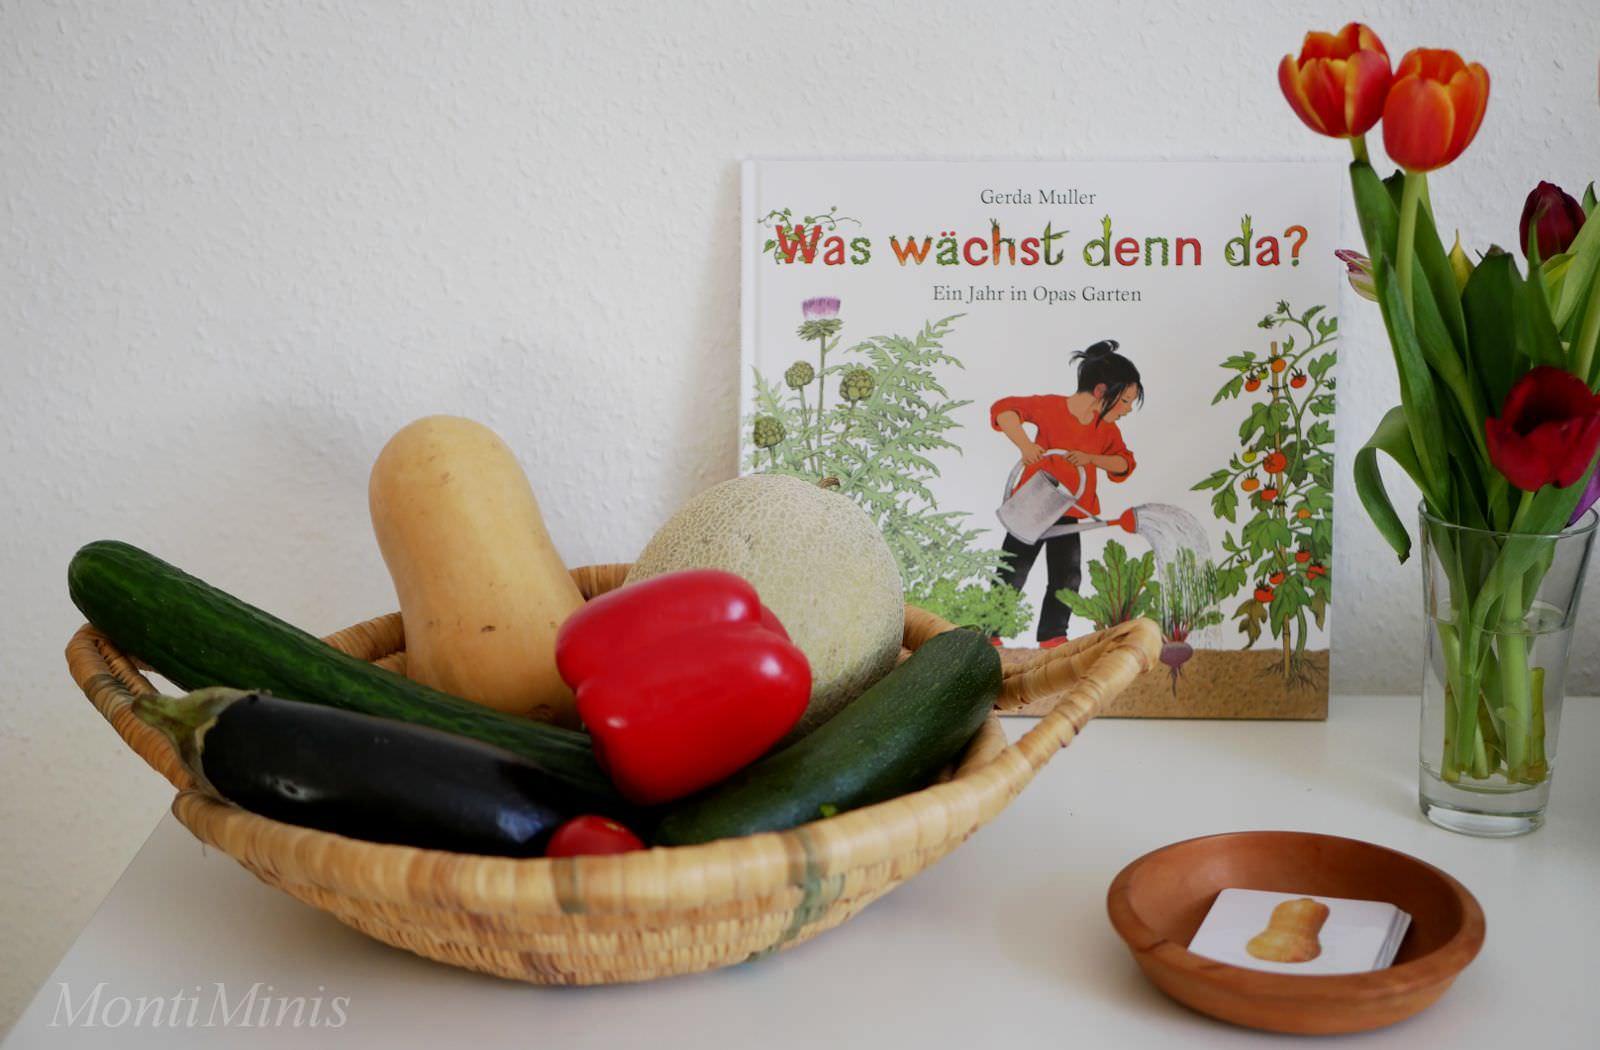 Fruchtgemüse – wir lernen Gemüsefamilien kennen